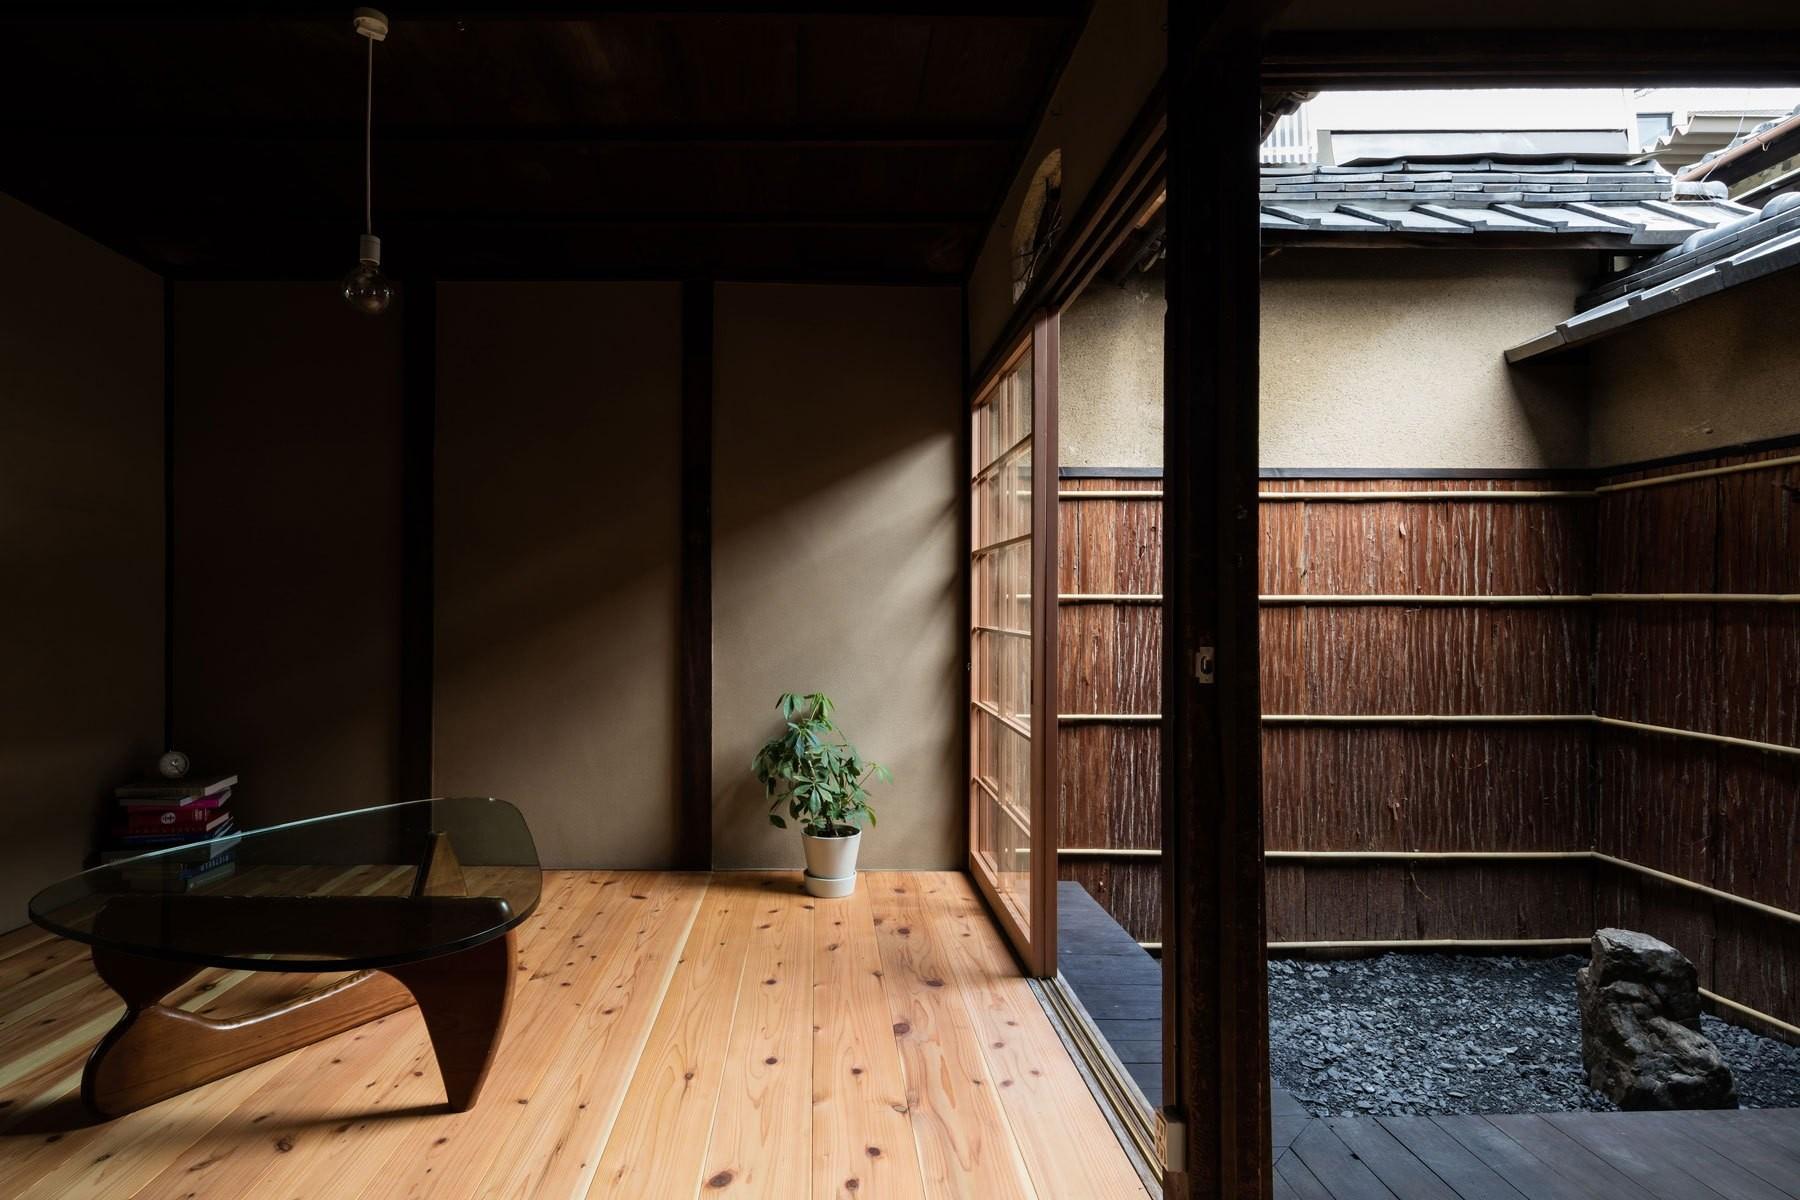 リビングダイニング事例:居間(昭和小路の長屋|賃貸向け京町家のシンプルリノベーション【京都市】)